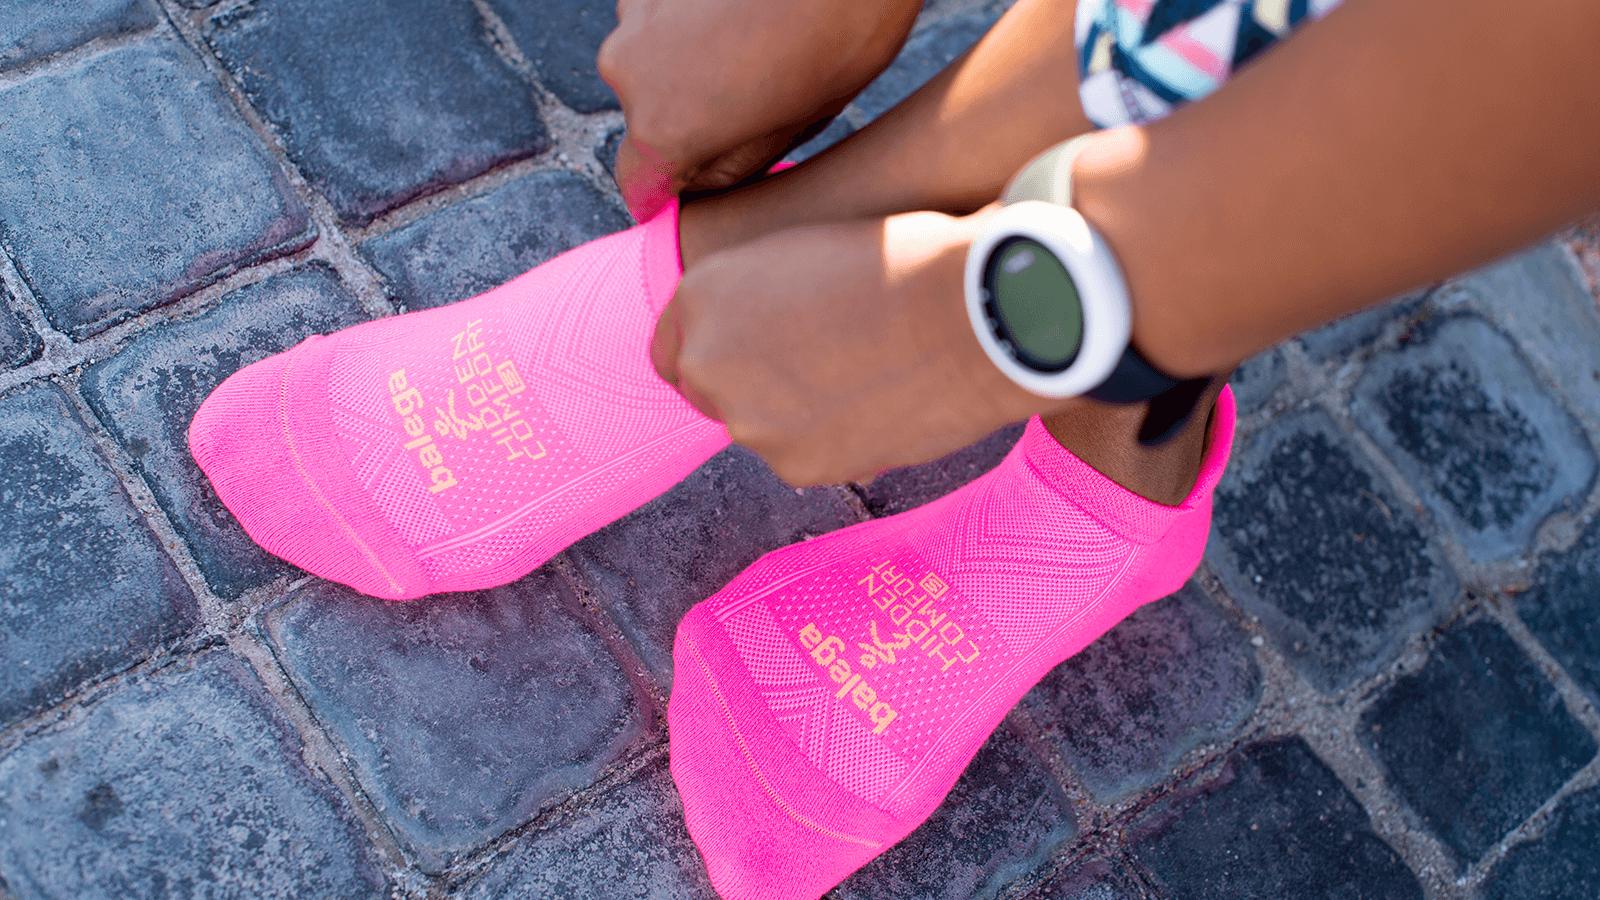 Balega Socks - Birthday Gifts For Runners Under 15$